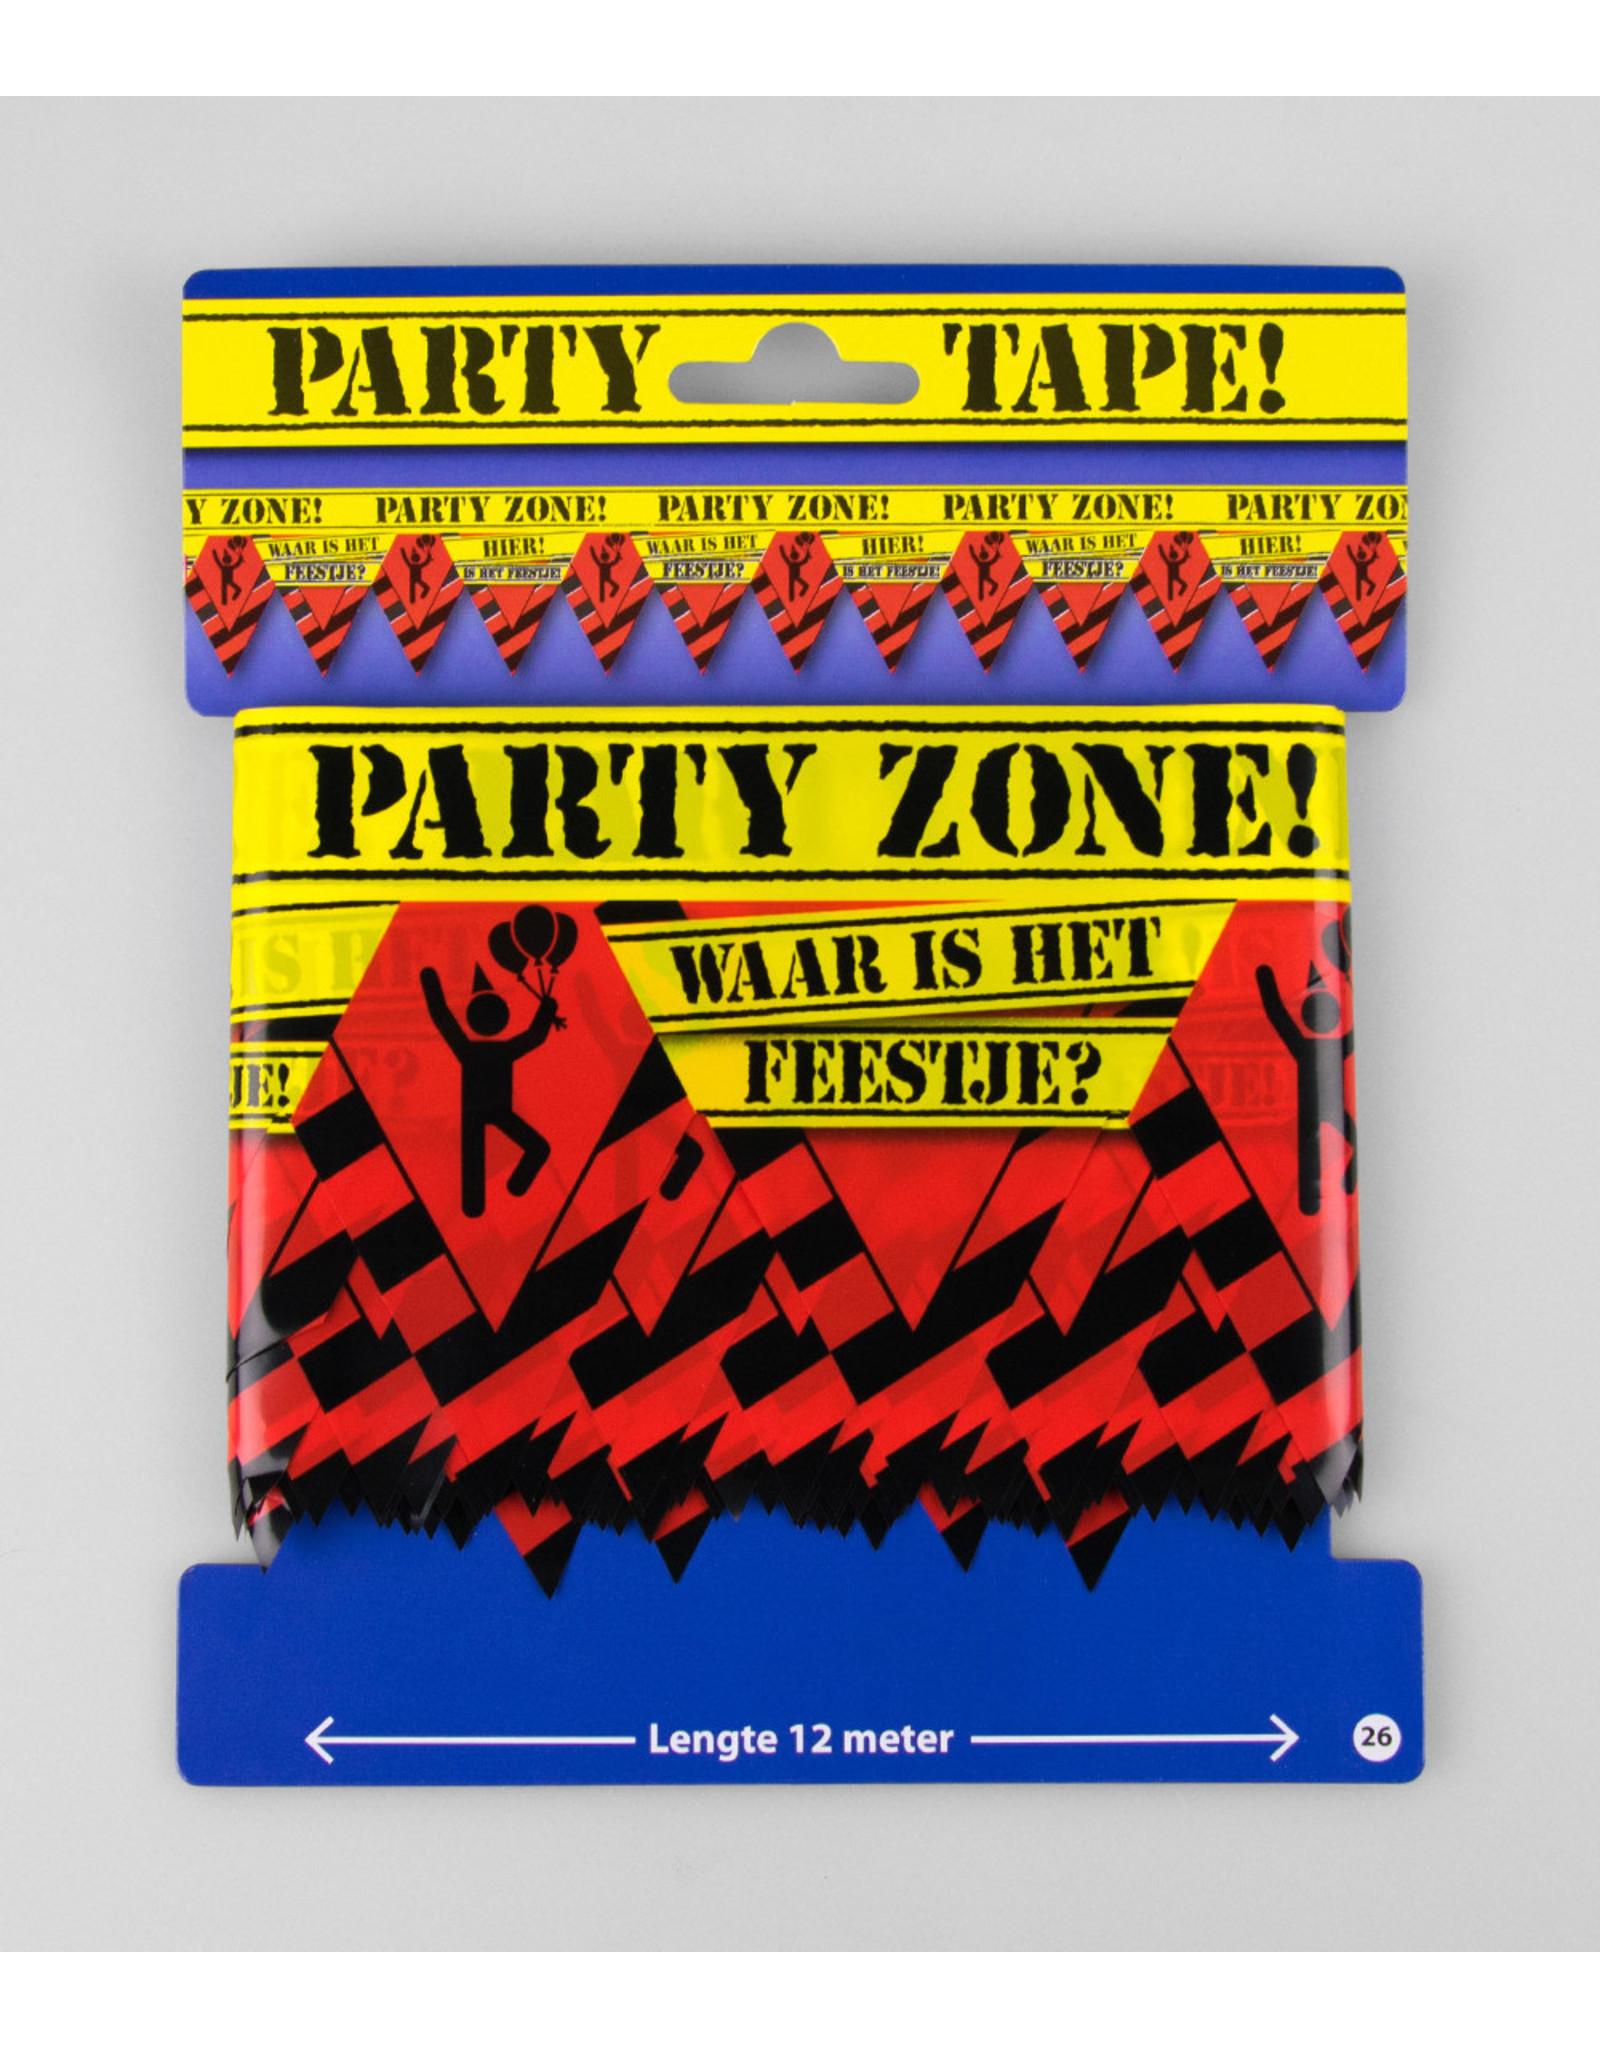 Afzetlint party zone waar is het feestje?